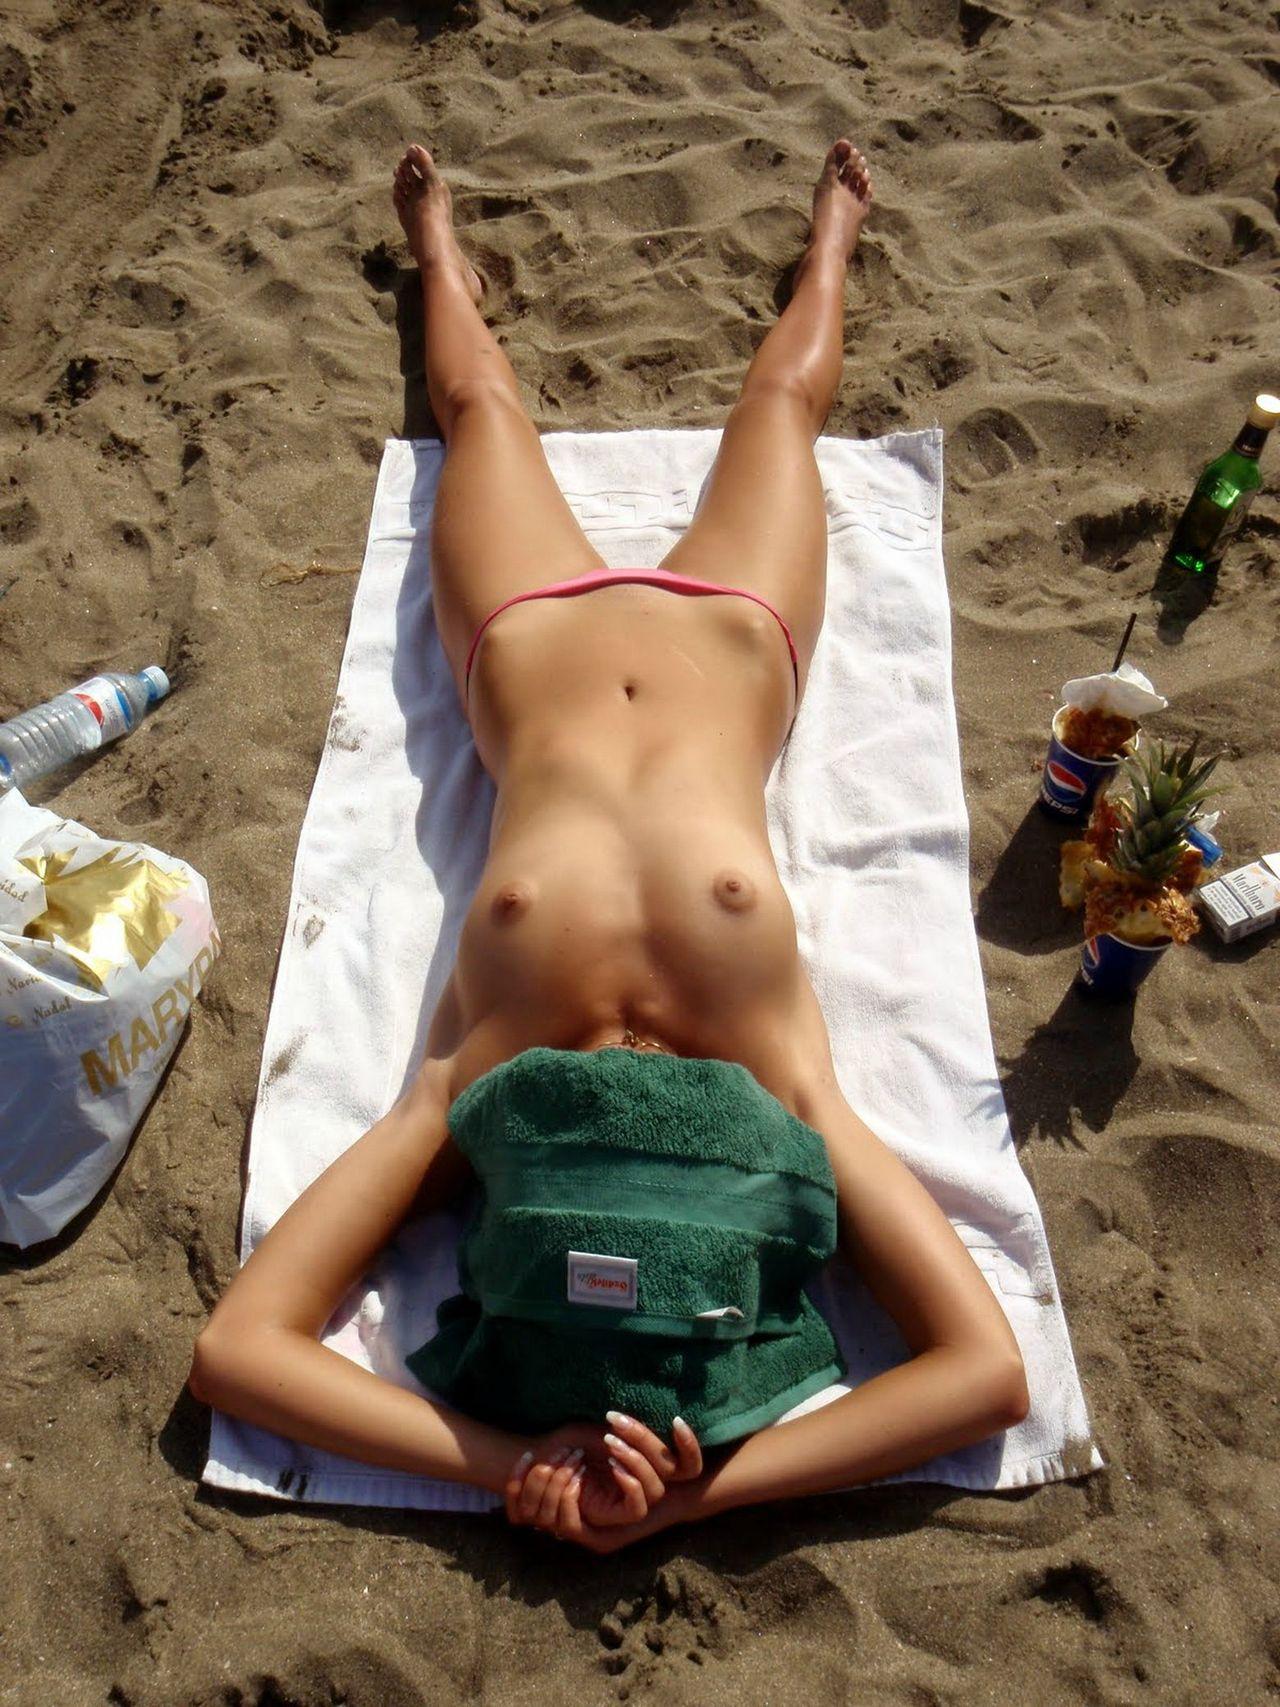 【海外エロ画像】どこを見てもおっぱい!永住したいトップレスビーチ(;´∀`)